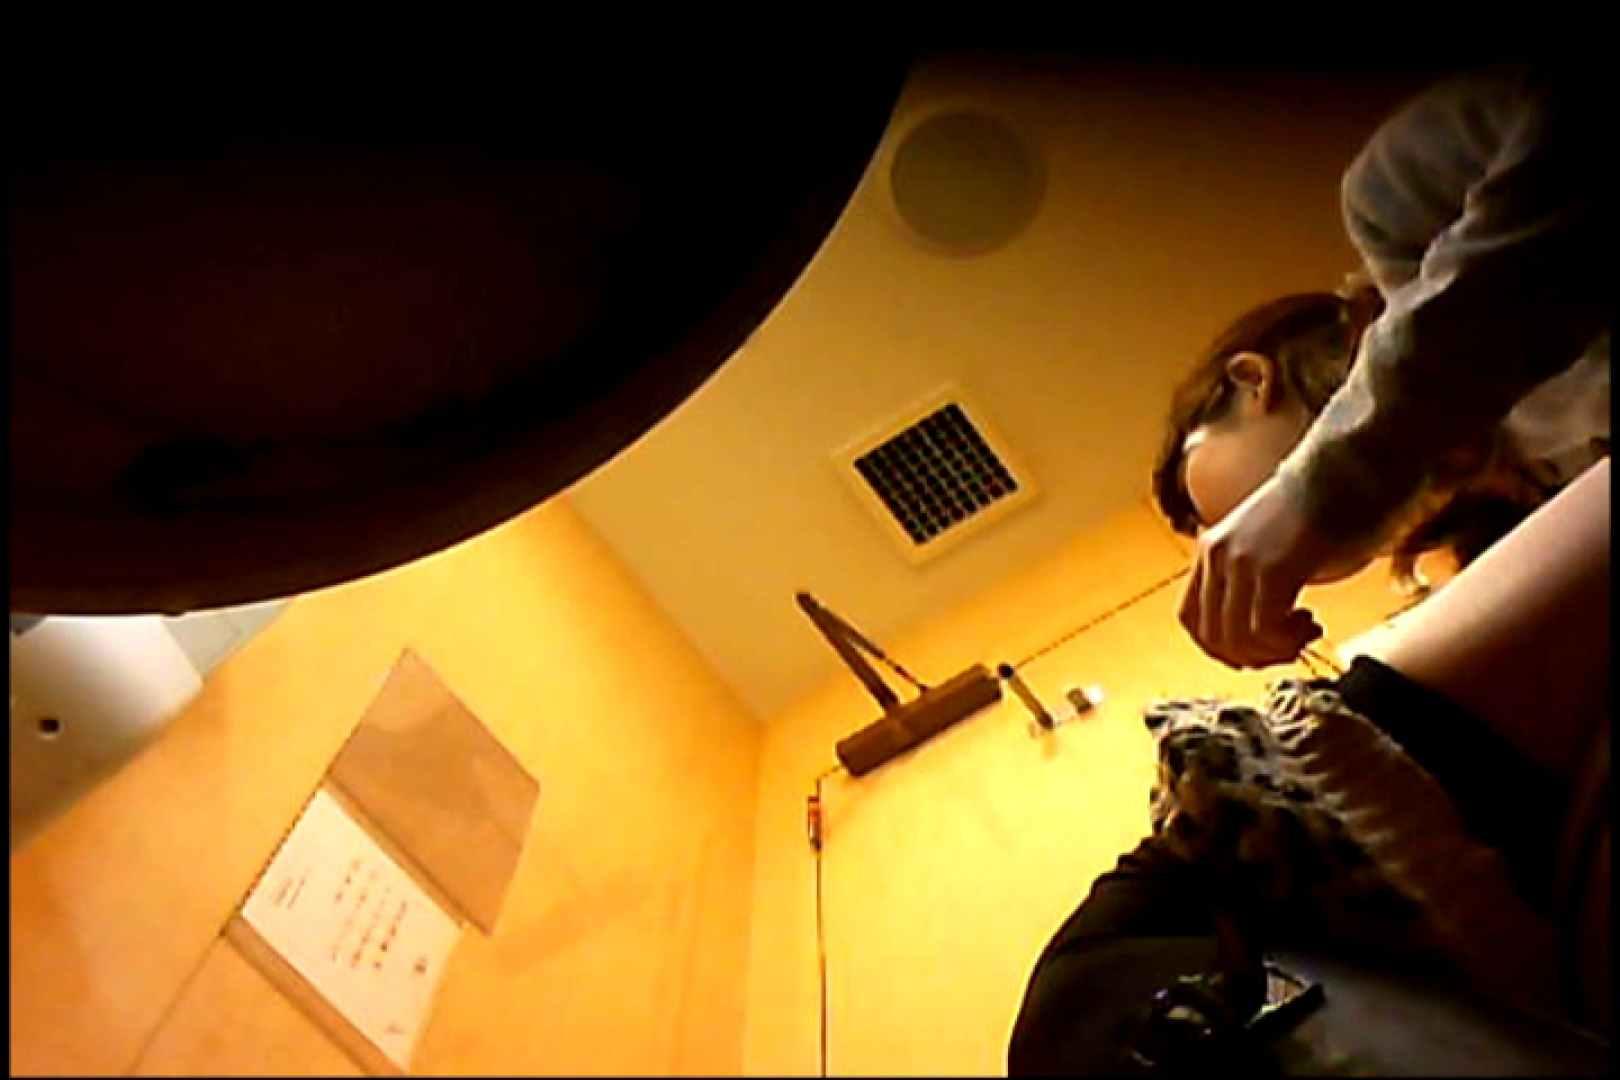 画質向上!新亀さん厠 vol.37 マンコ無修正 盗撮おまんこ無修正動画無料 85画像 3